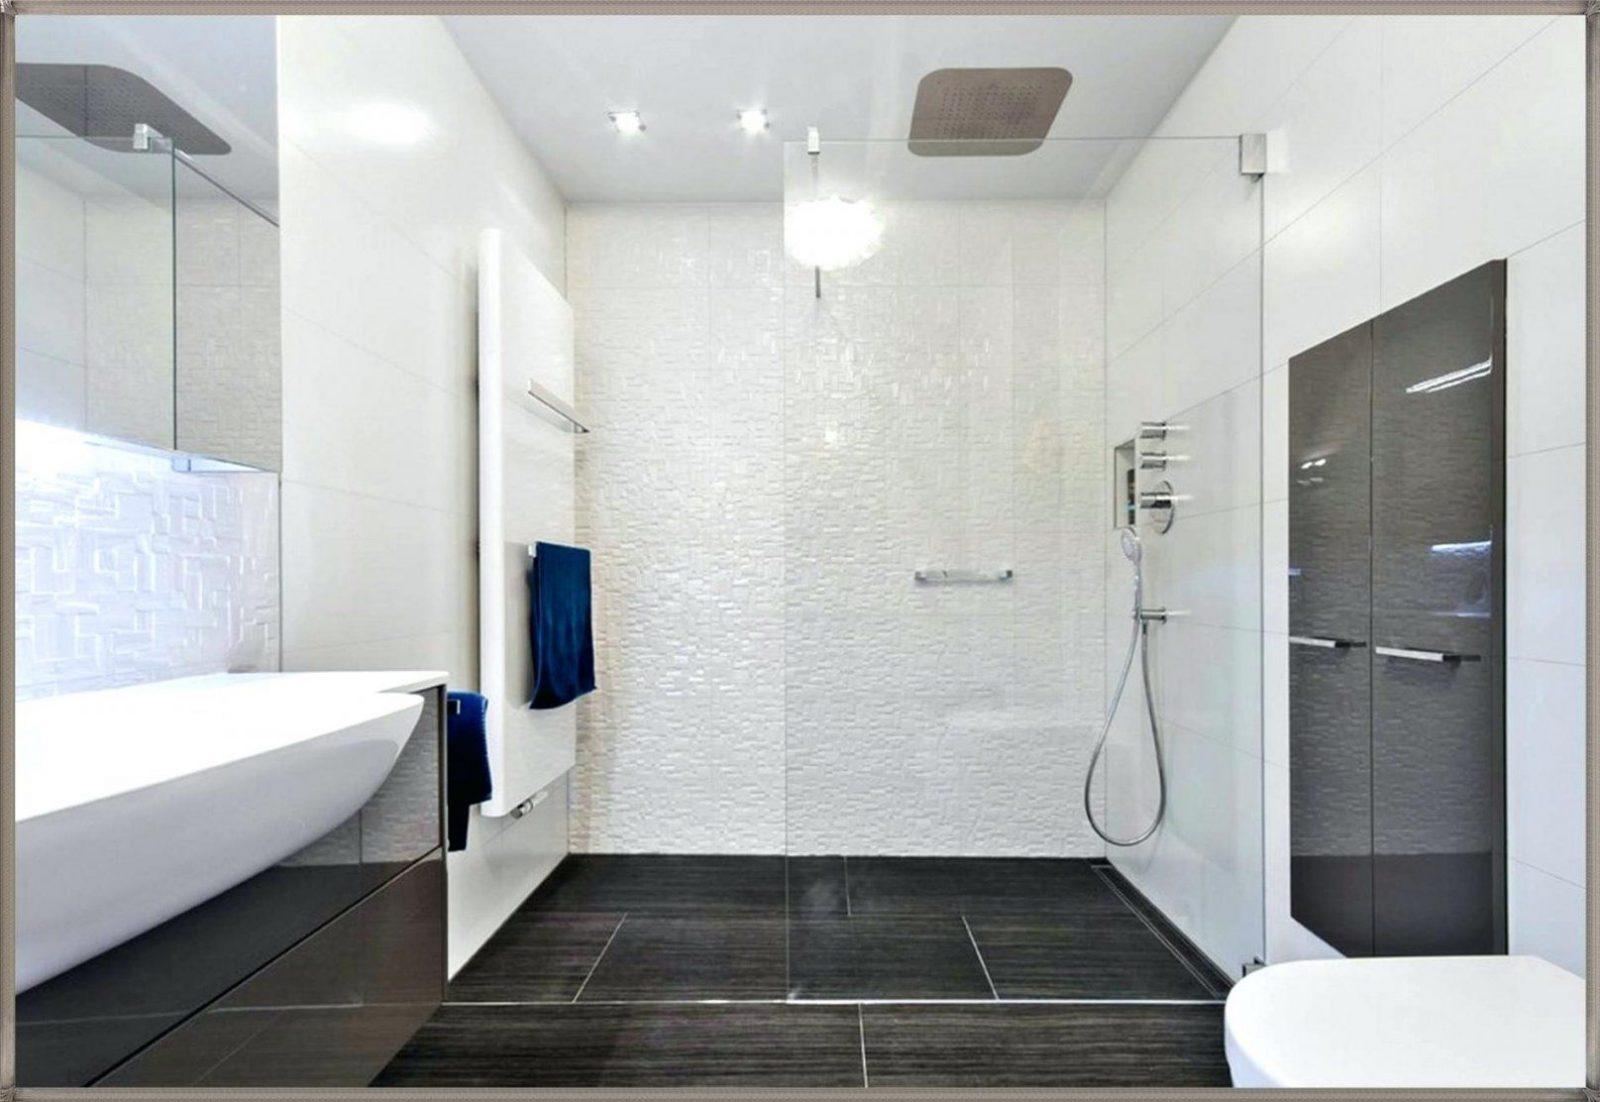 Sanierungskosten Haus Related Image Of Badsanierung Kosten Rechner von Badsanierung Kosten Pro Qm Photo